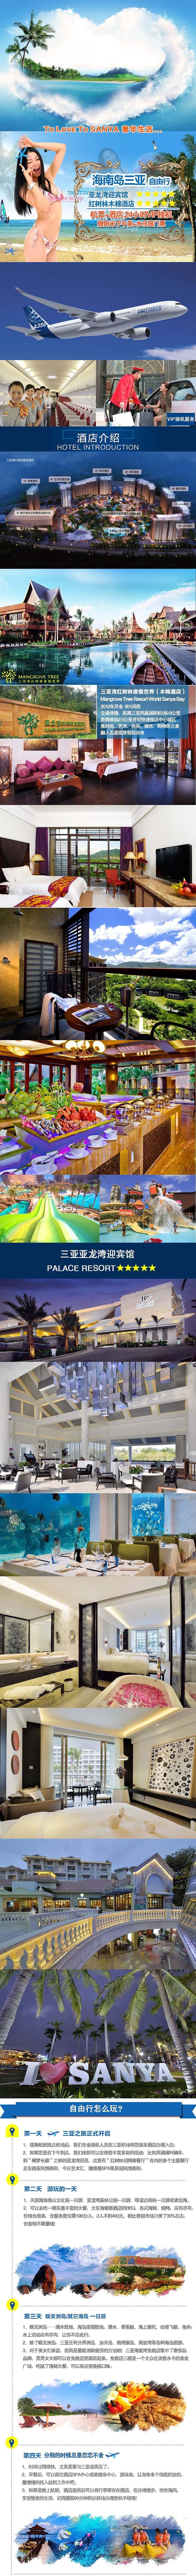 海南三亚4天自由行 亚龙湾迎宾馆 红树林 含往返机票